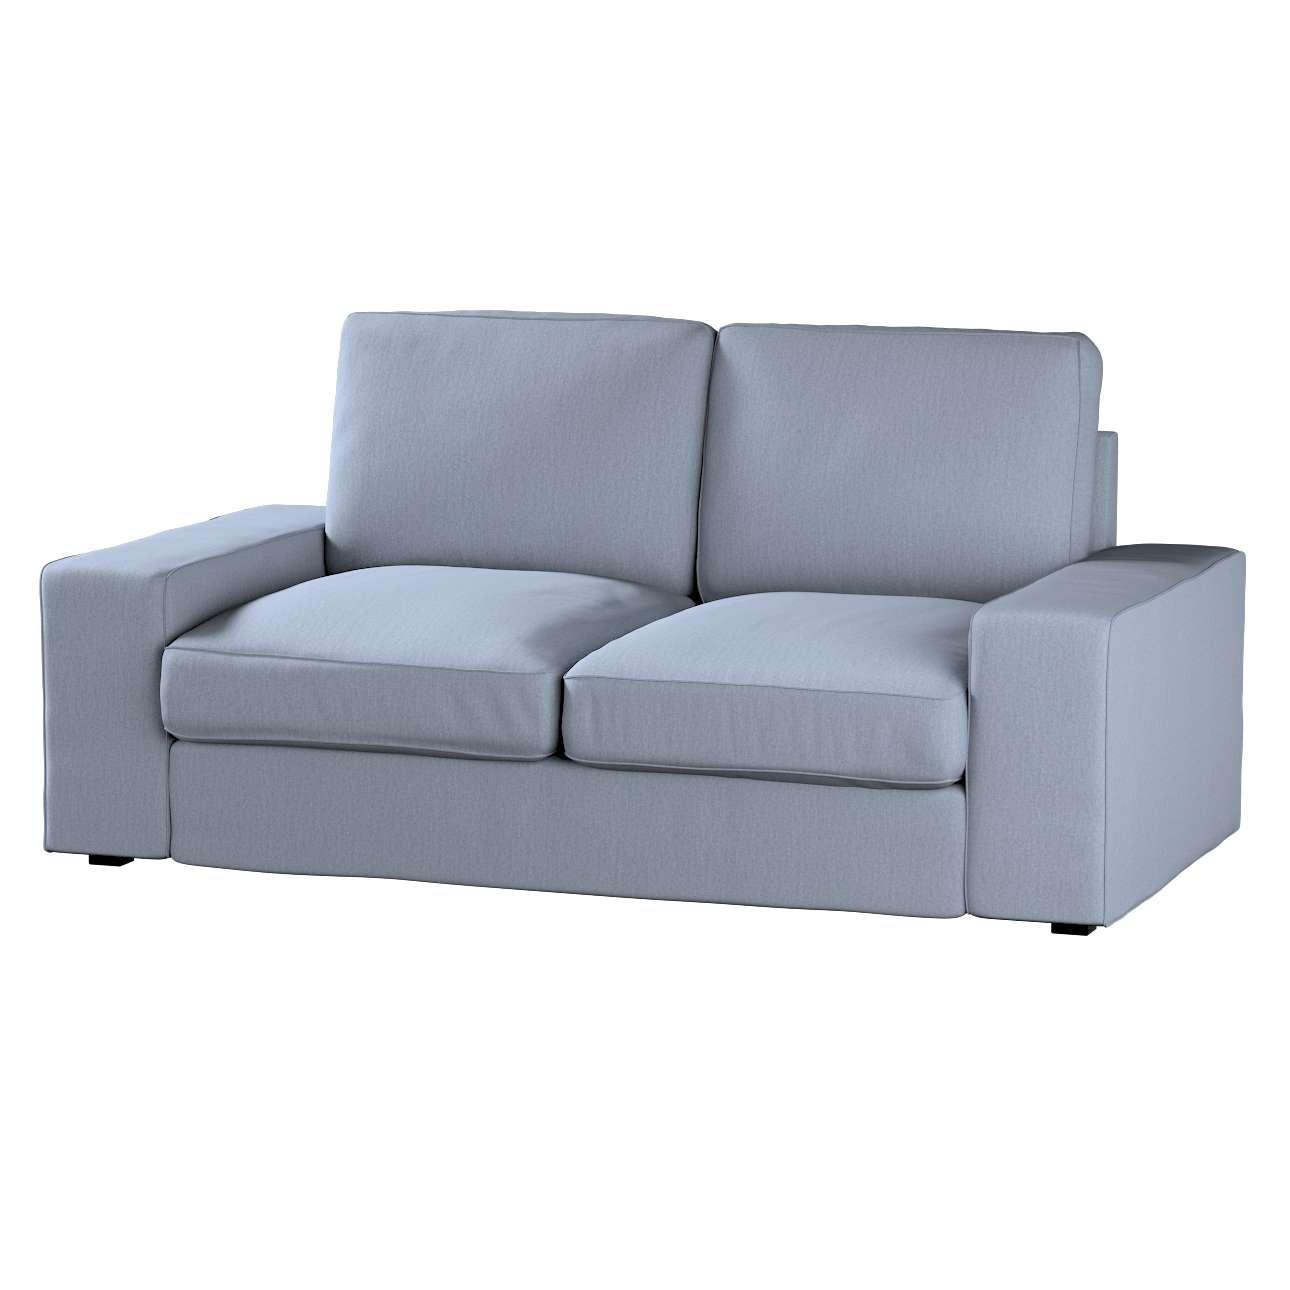 KIVIK dvivietės sofos užvalkalas Kivik 2-seat sofa kolekcijoje Chenille, audinys: 702-13